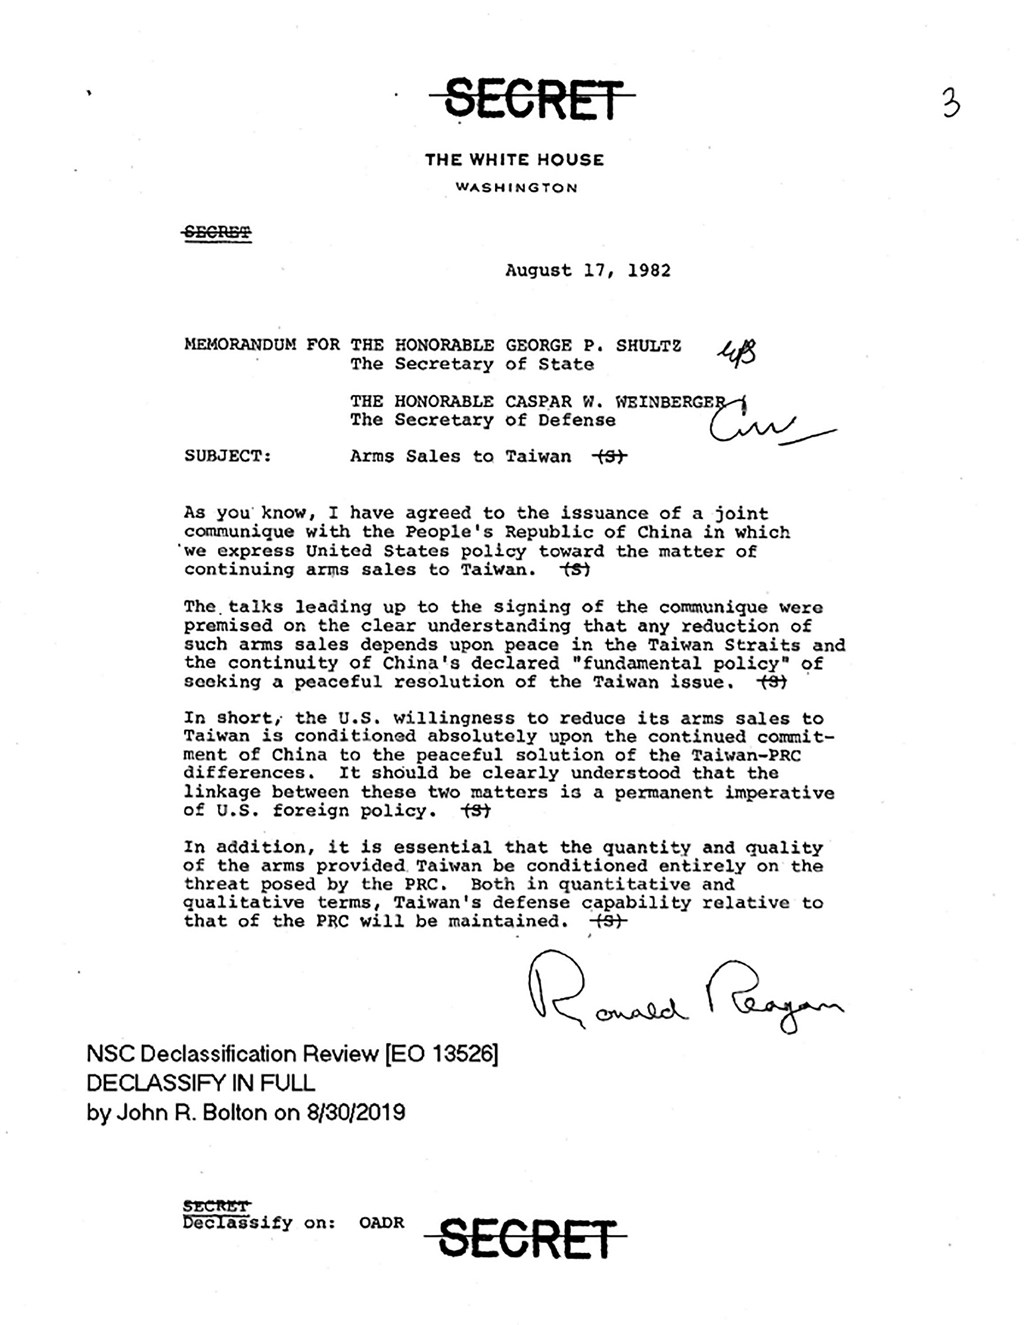 最近解密的一項白宮內部文件披露美方持續對台軍售的關鍵。1982年8月17日,八一七公報簽署的當天,時任美國總統雷根發給當時的美國國務卿舒茲、國防部長溫伯格一份備忘錄,內容指出,美國同意減少對台軍售的意願,全然以中國持續其和平解決台灣與中華人民共和國分歧的承諾為先決條件。(圖取自AIT網頁)